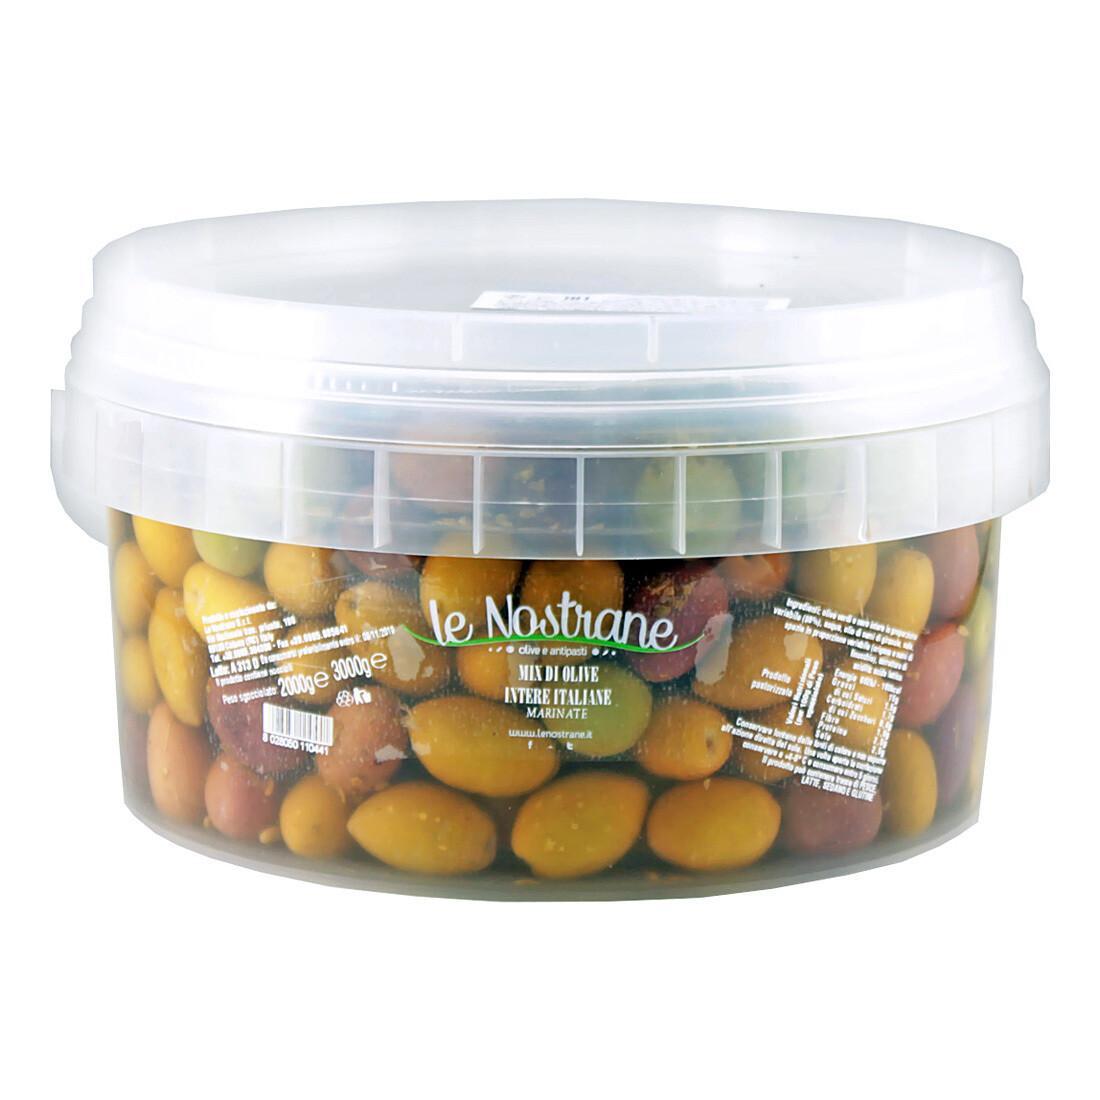 Italialaiset Kivelliset Oliivit Italian Mix -sekoitus | Italian Mix Whole Olives | LE NOSTRANEN | 3kg